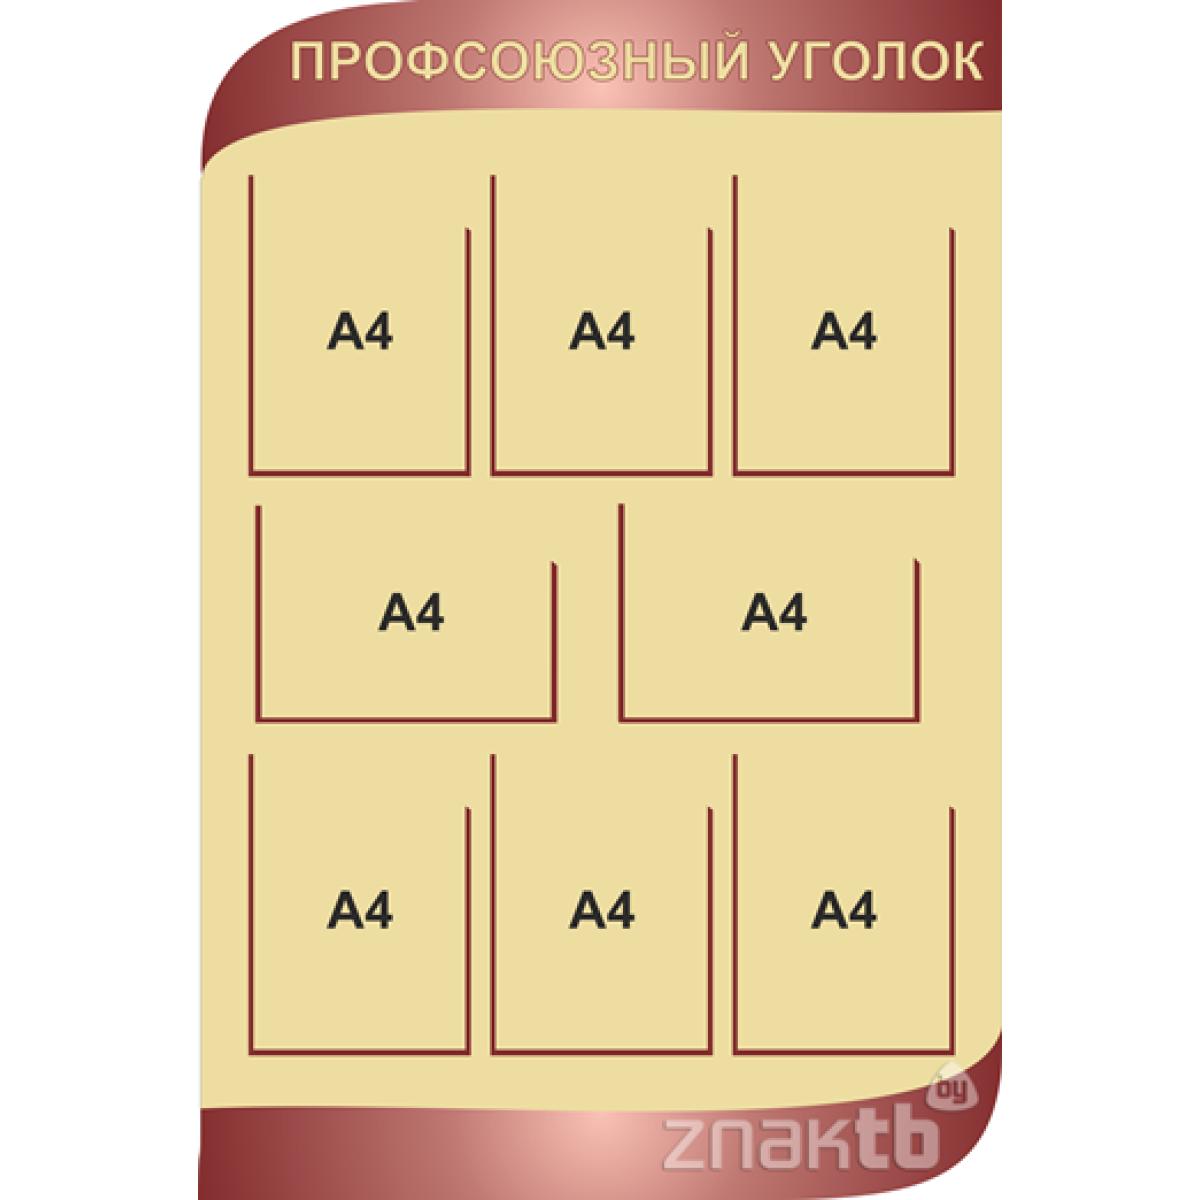 Стенды Профсоюзный уголок 8 карманов А4